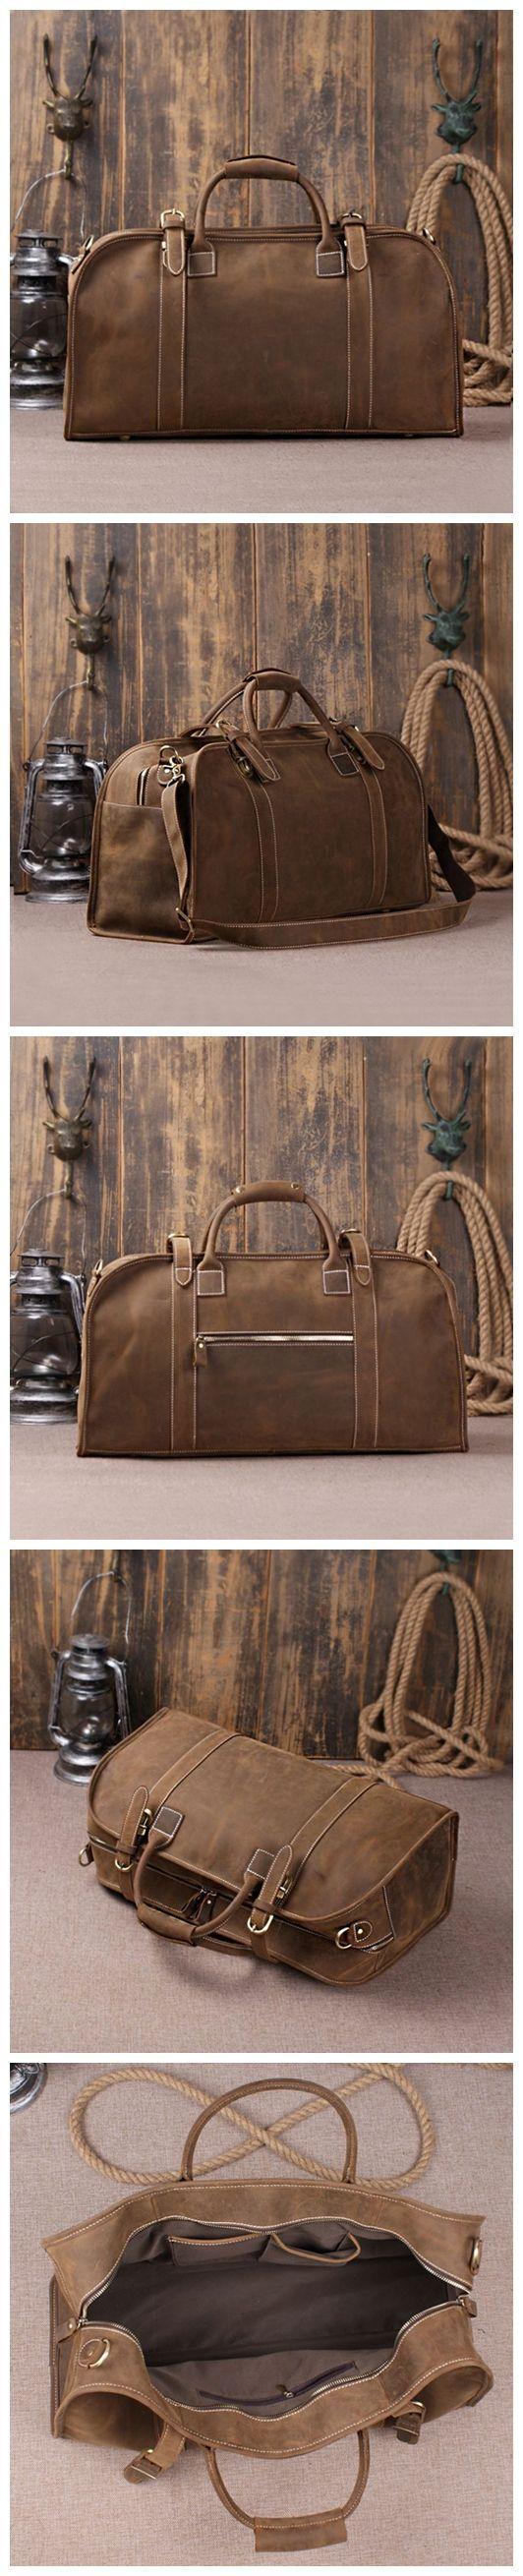 Genuine Cow Leather Briefcase, Backpack, Messenger Bag, Laptop Bag, Handbag